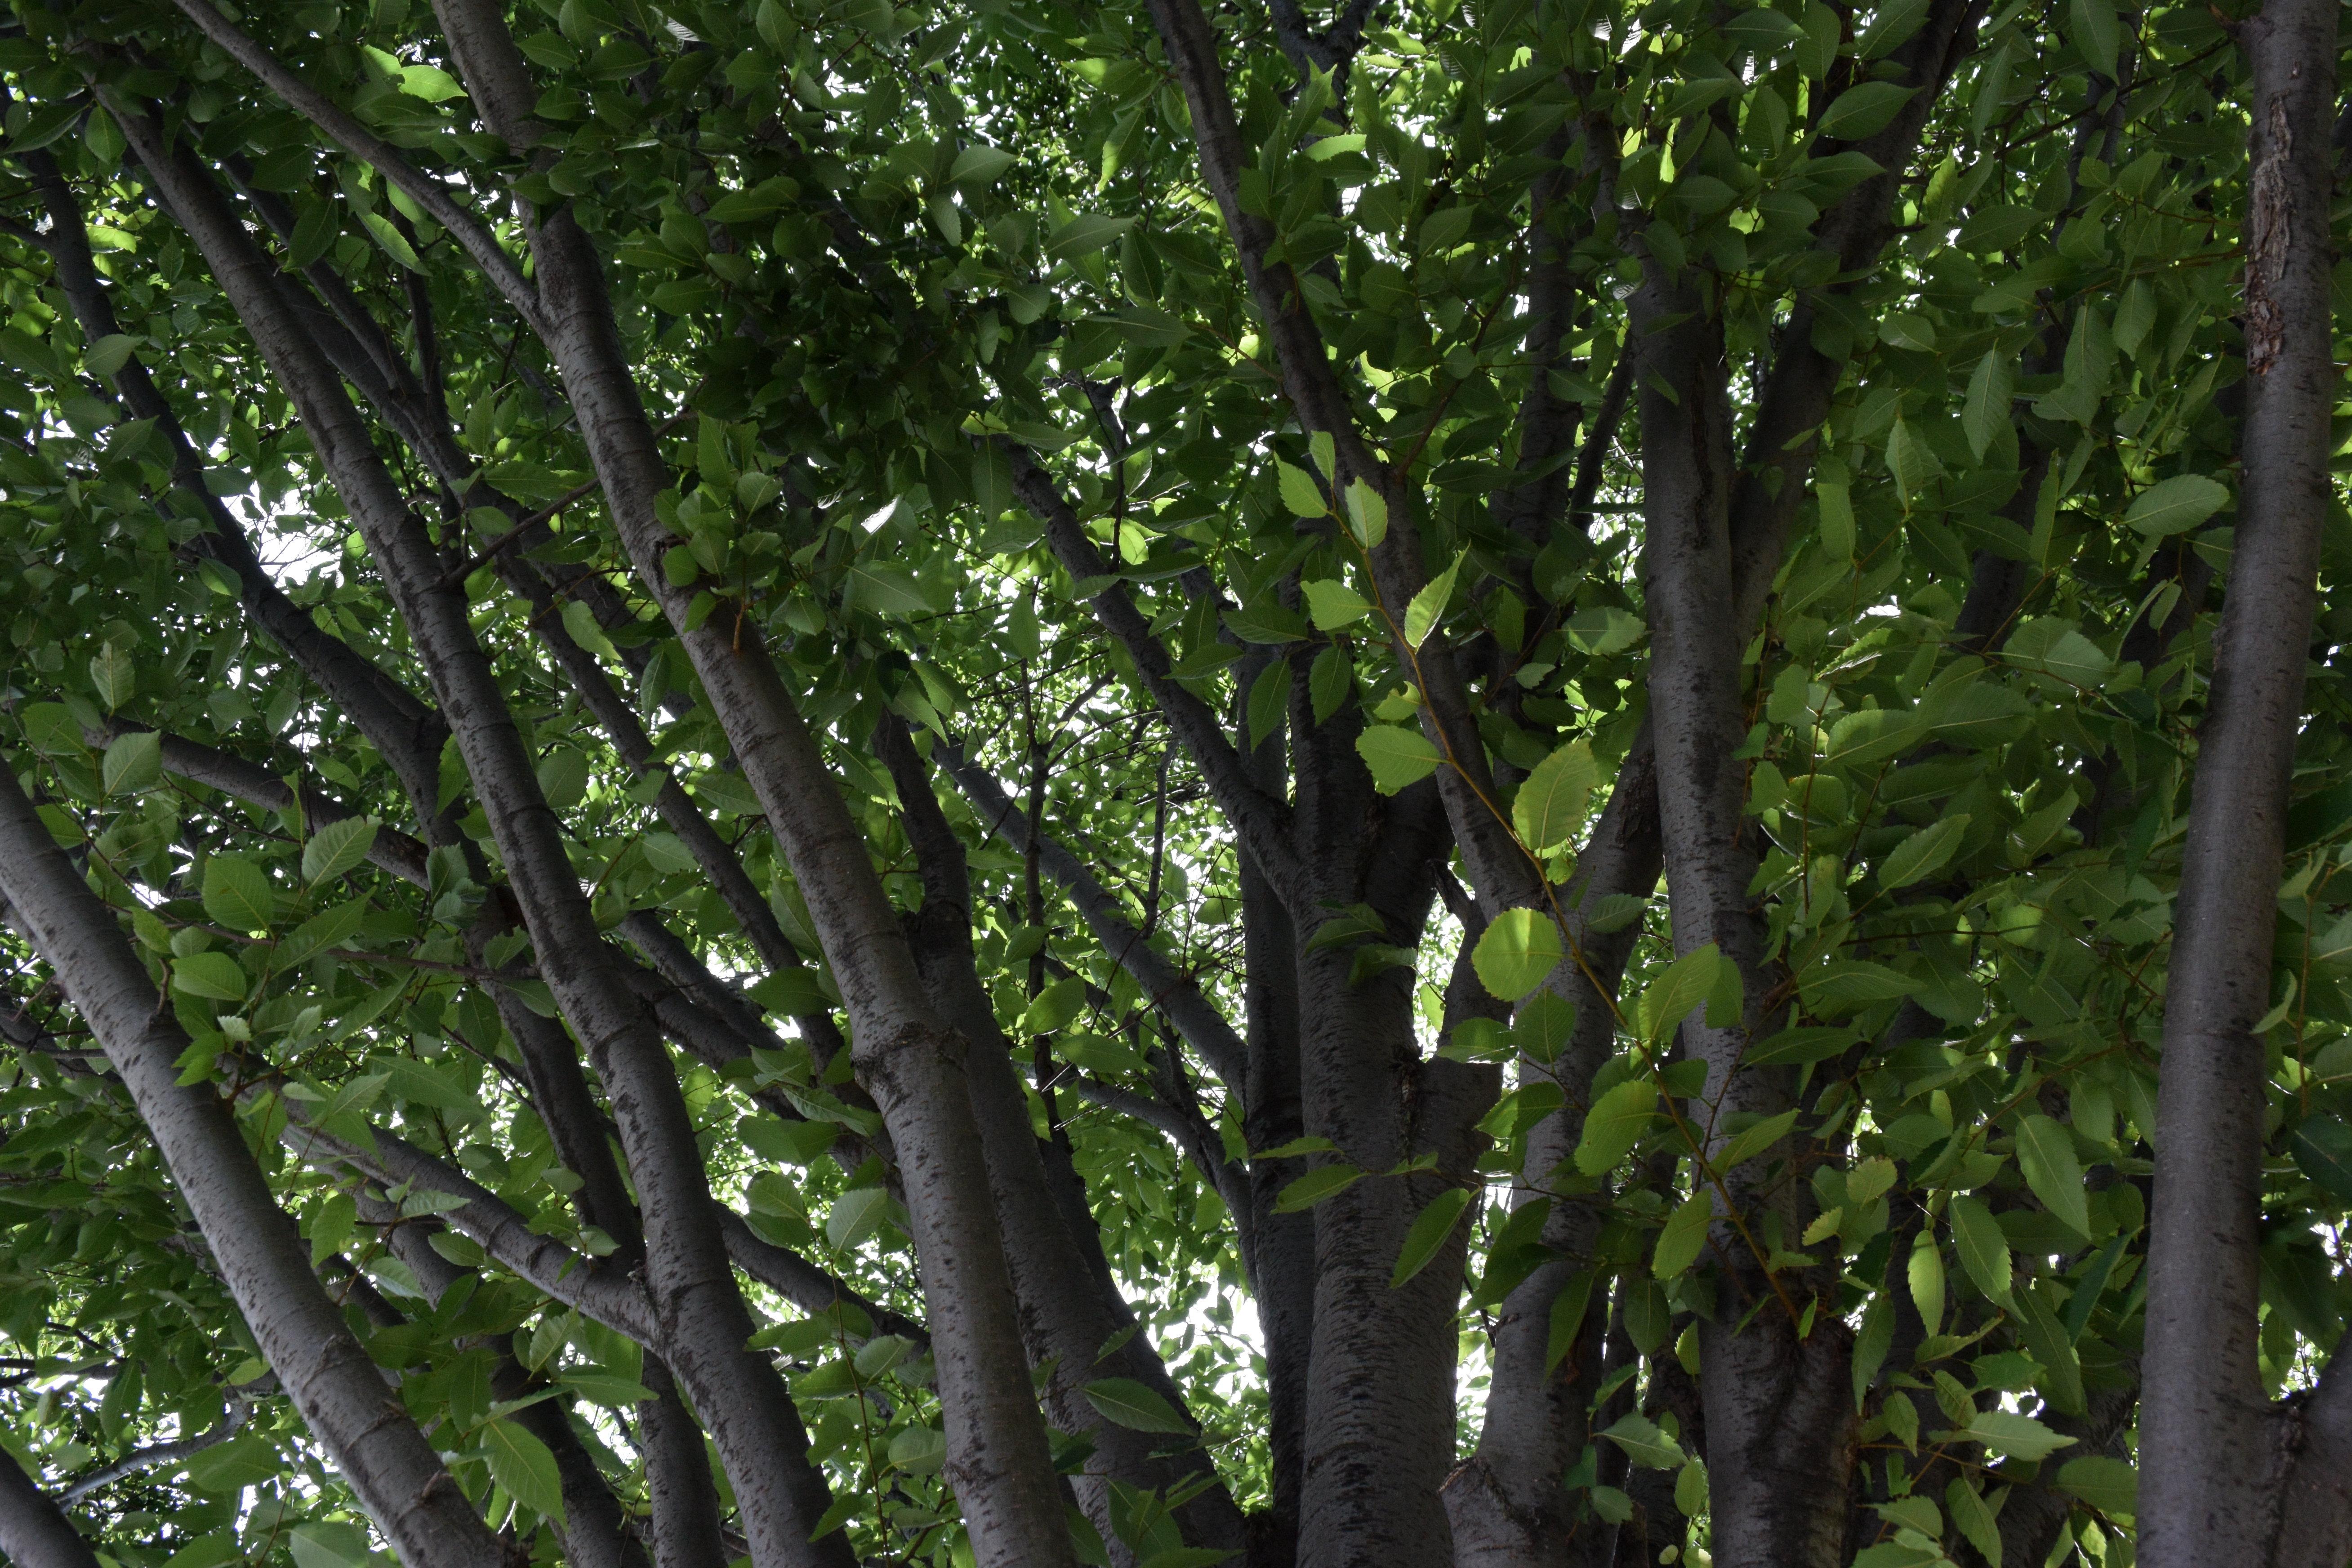 A sample image taken by the Nikon 1 J4.